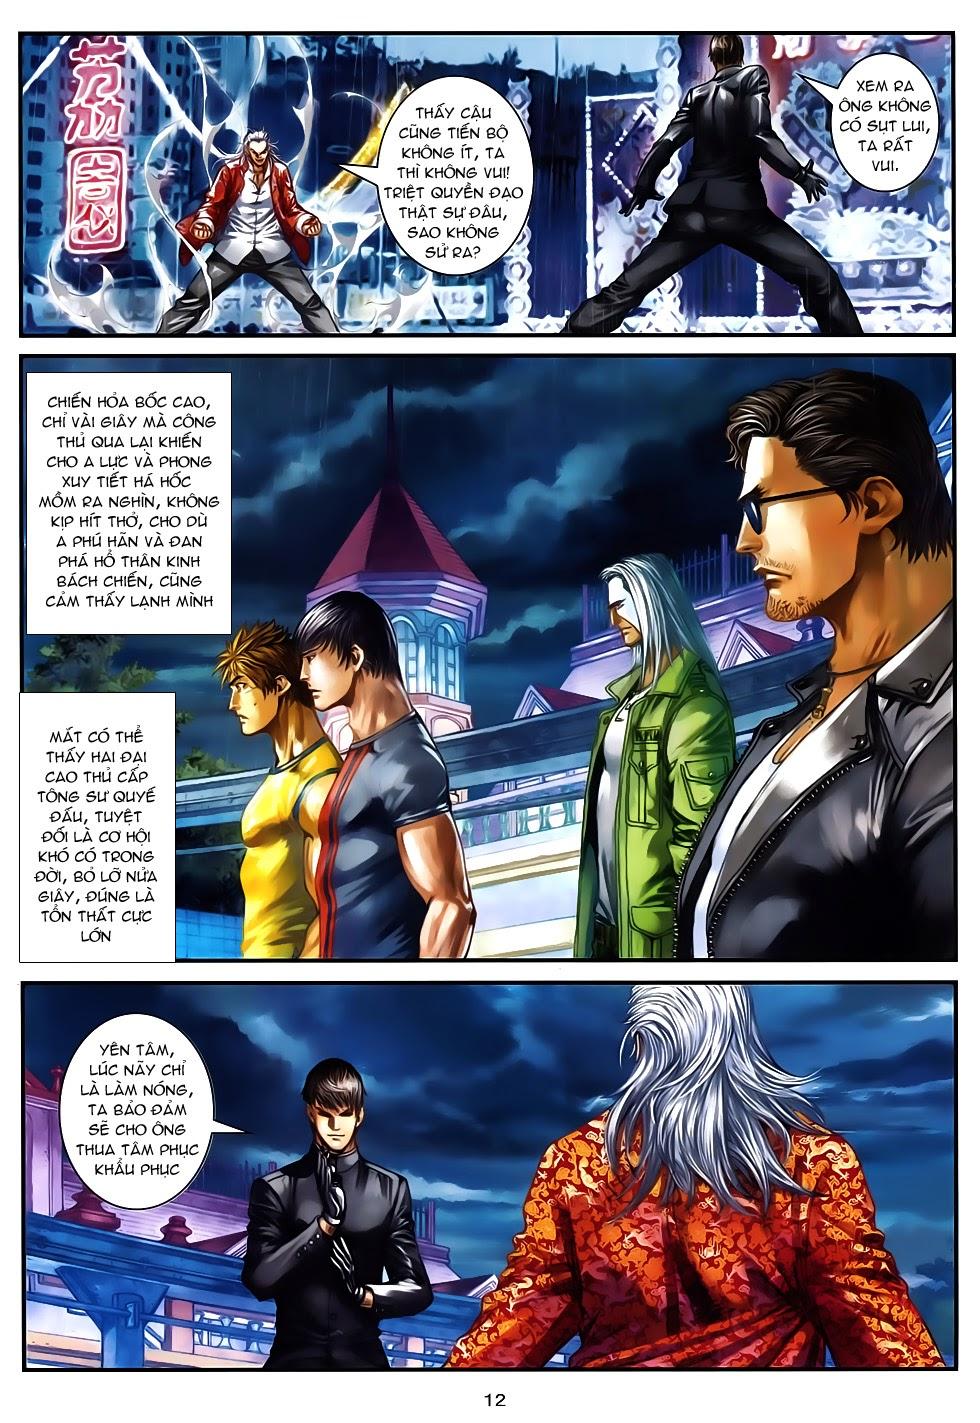 Quyền Đạo chapter 12 - end trang 12